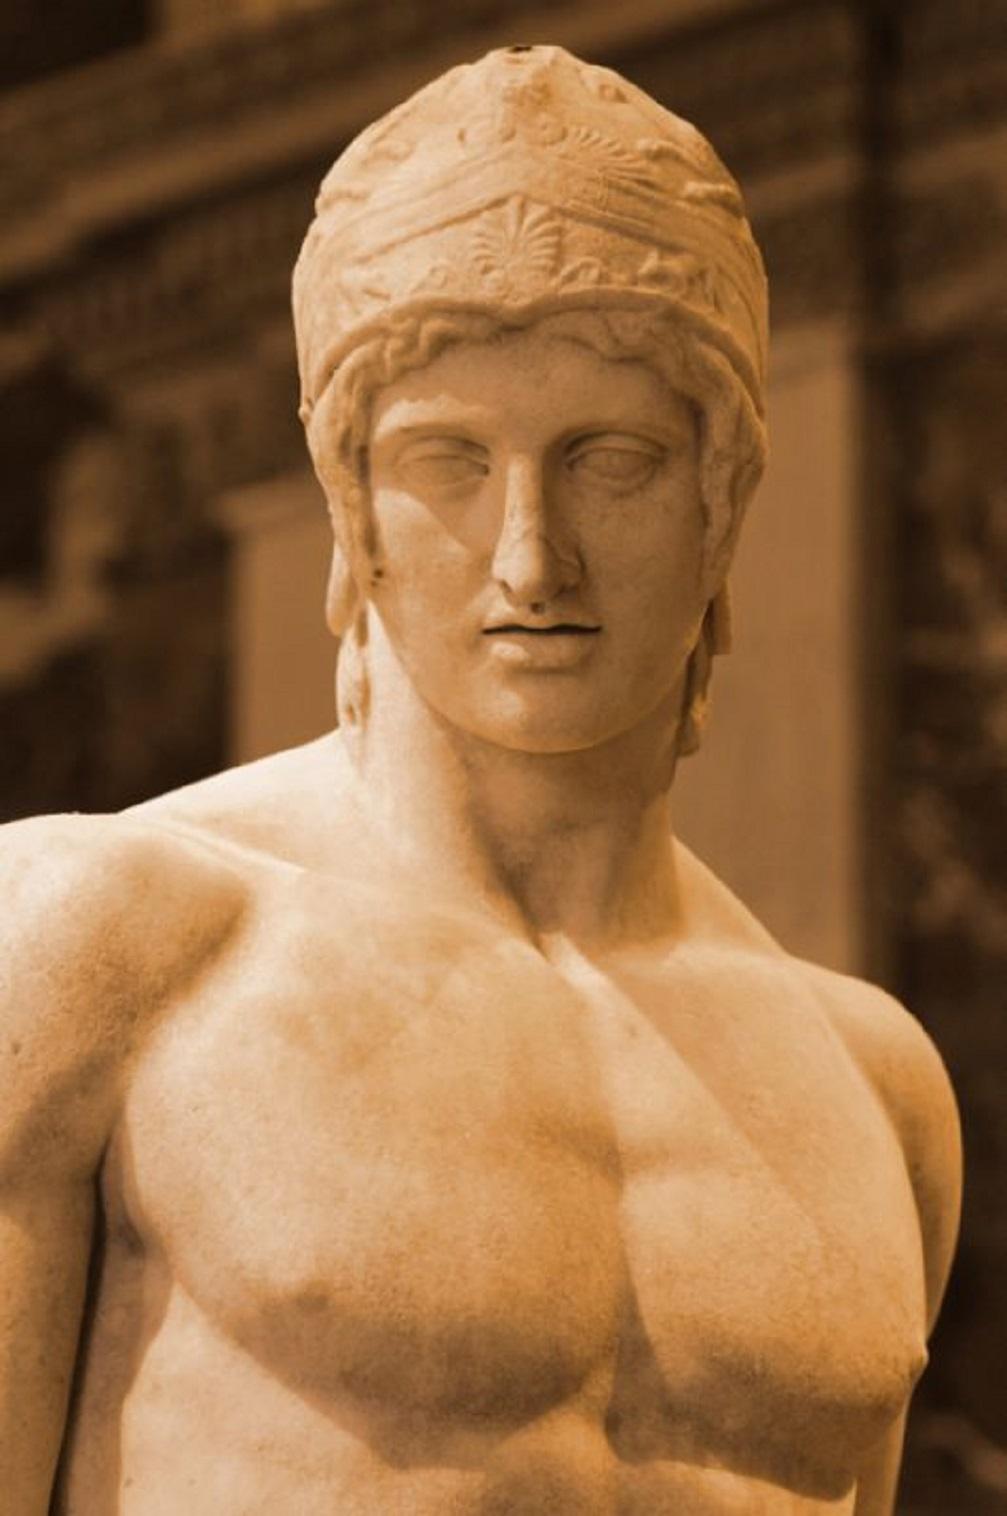 Ἂρης, 2ος αἰ. π.Χ. ἀπὸ τὴν Ἀγορὰ τῶν Ἀθηνῶν. Μουσεῖο Λούβρου. Ares. Free-standing statue, 2nd century BC. From the agora in Athens. Louvre Museum.